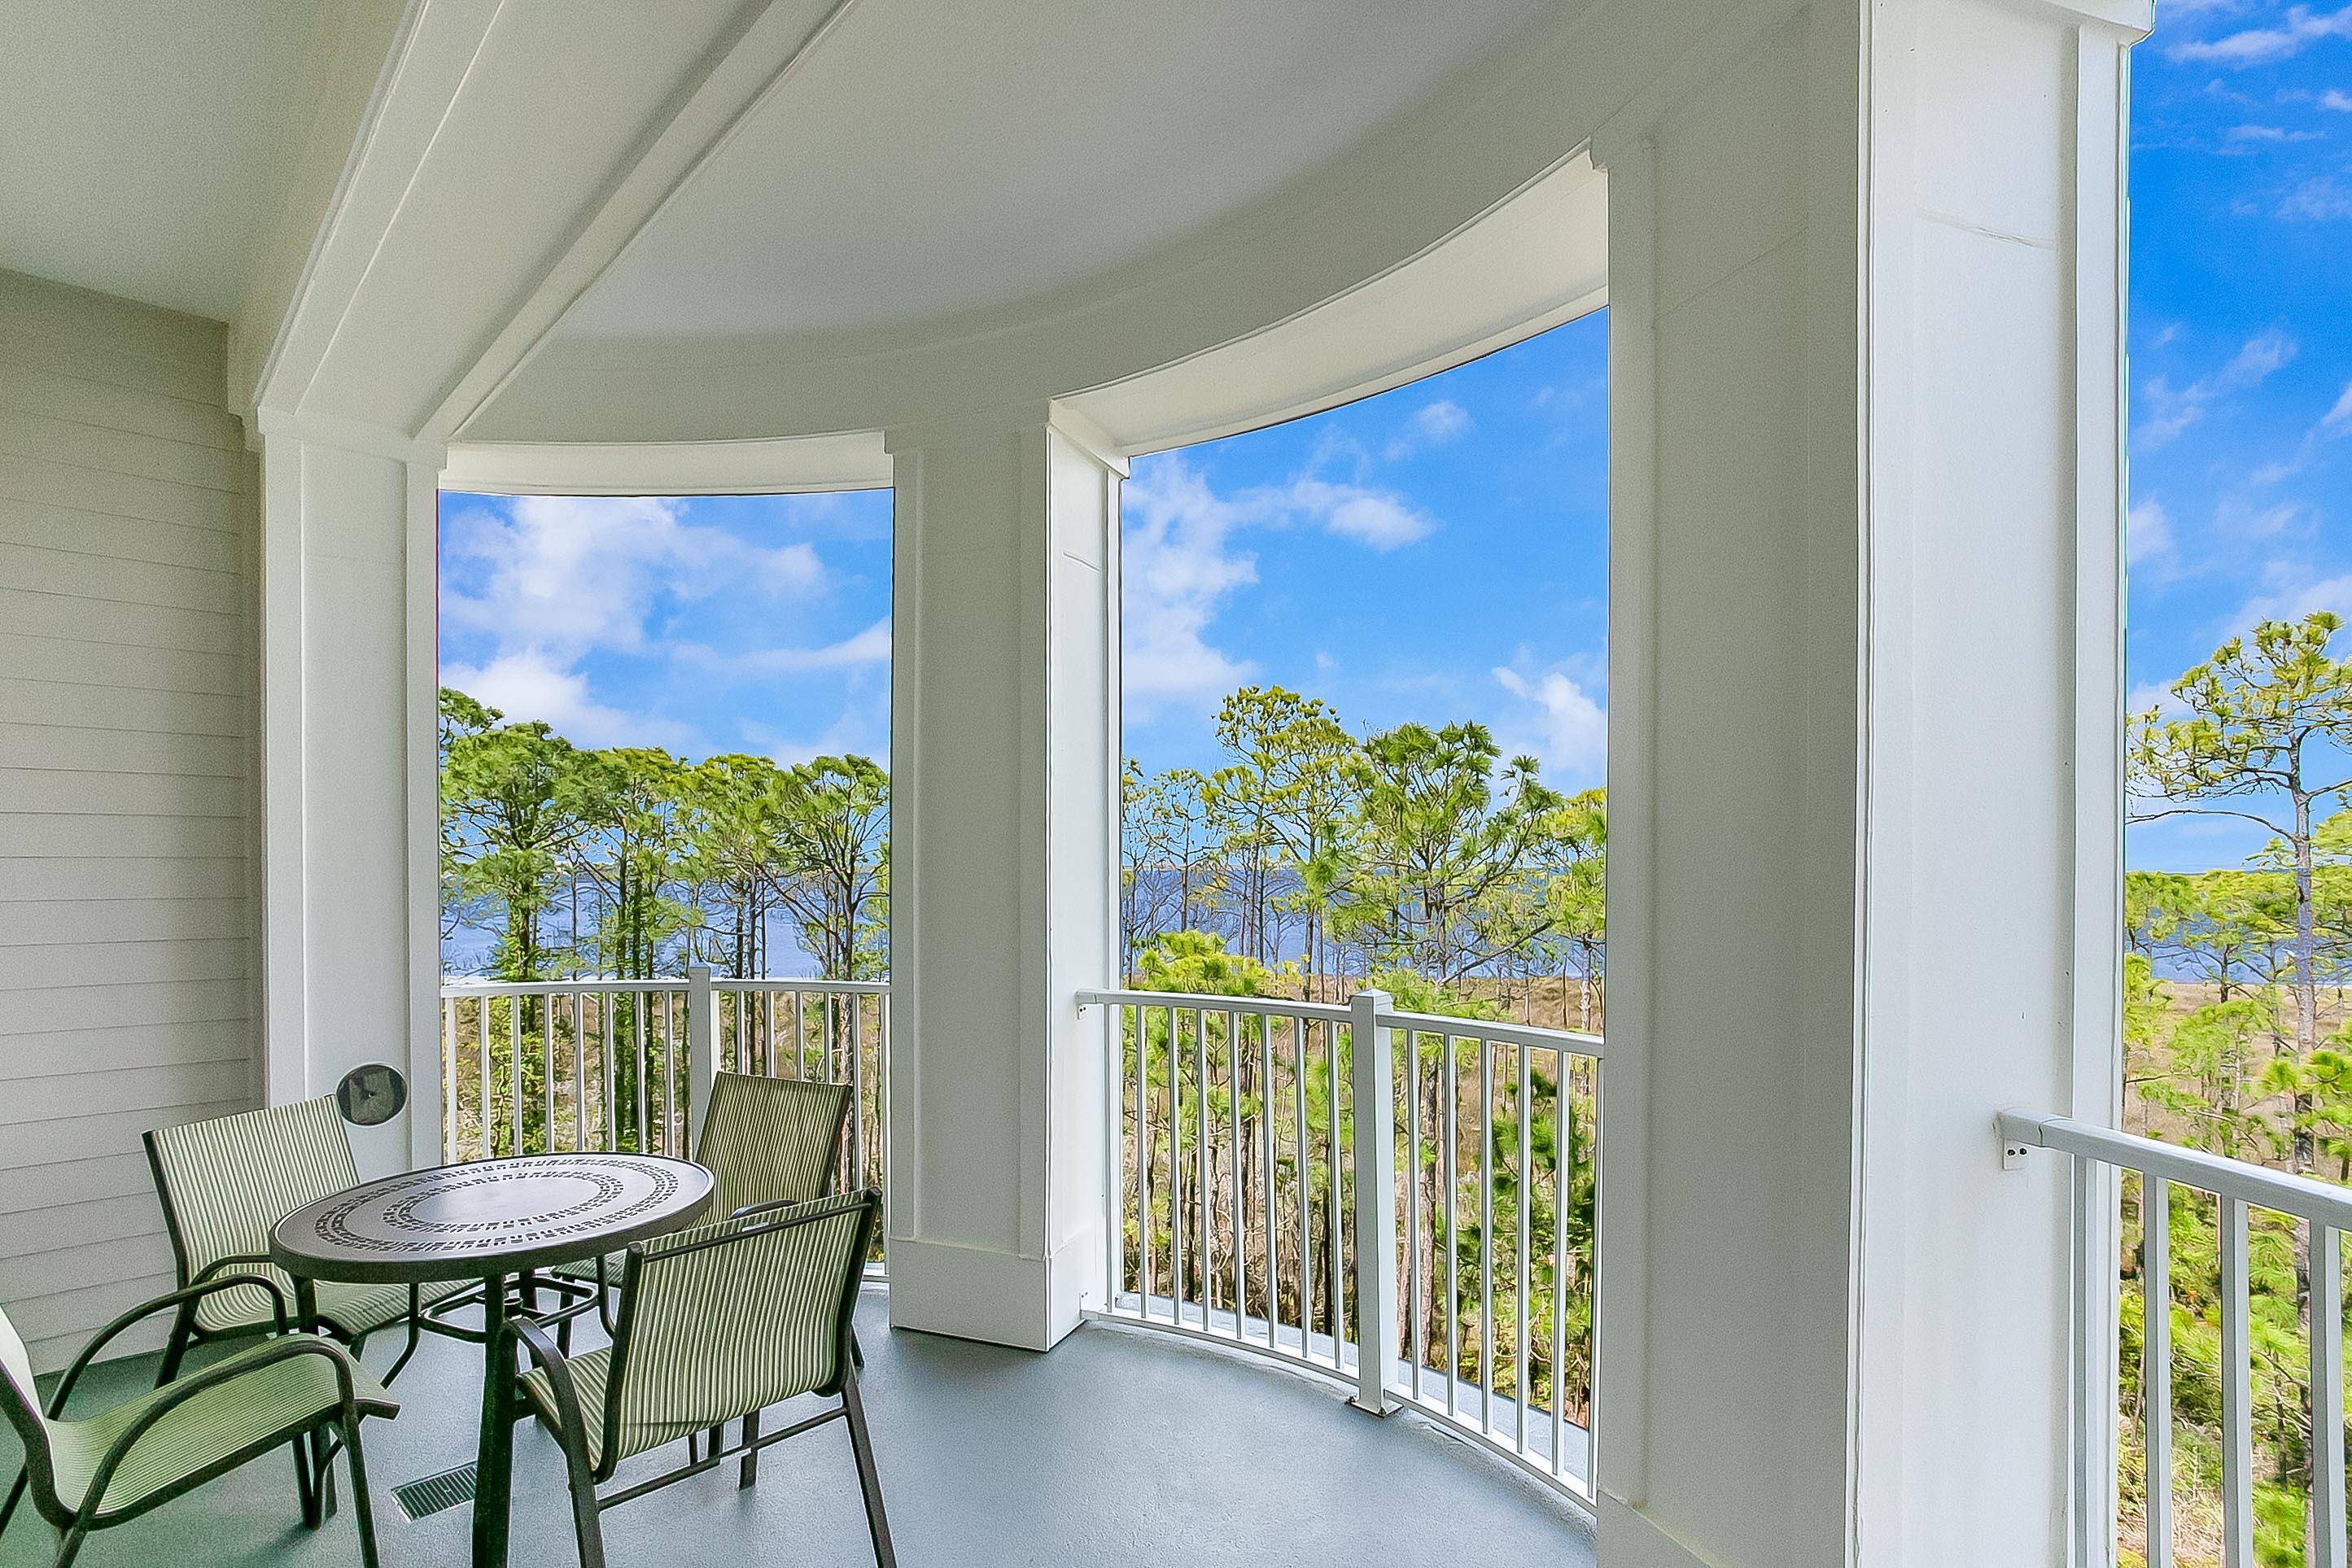 A 2 Bedroom 3 Bedroom Bahia Condo Condominium